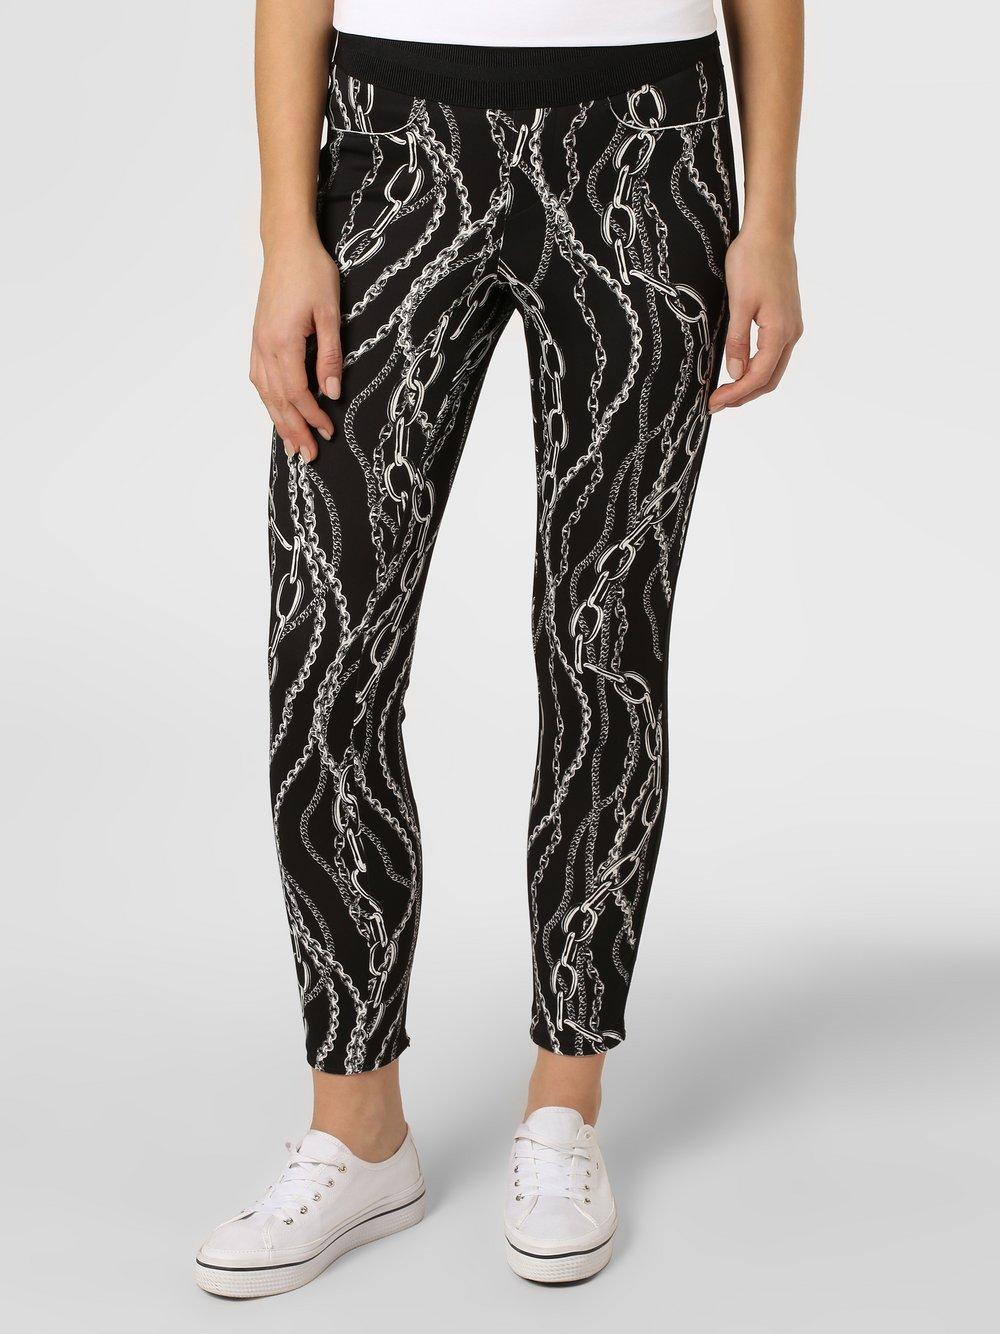 Cambio - Spodnie damskie – Lilbeth, czarny